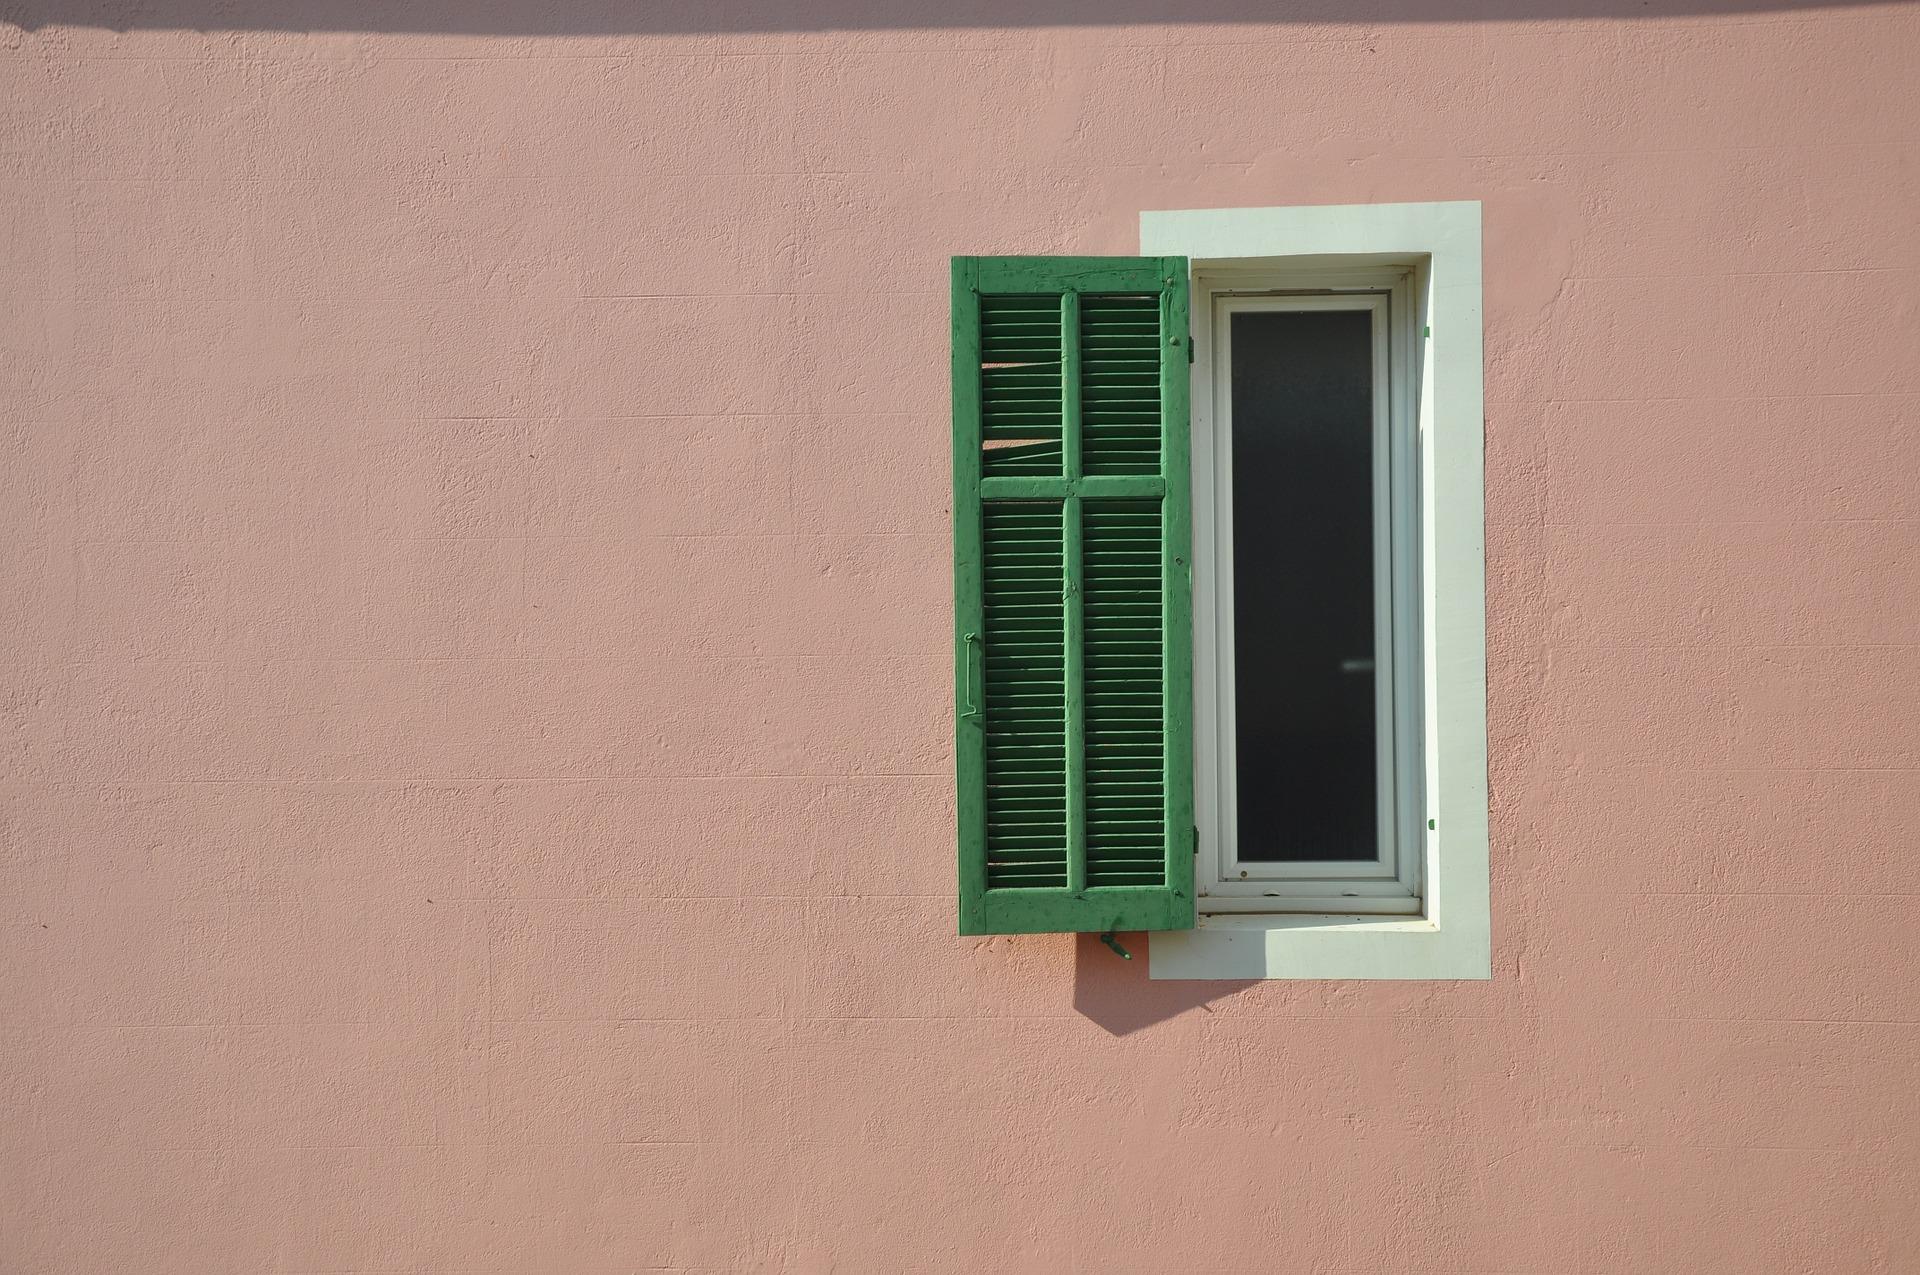 Опасная зона Сovid-19: В Марселе закрывают бары и рестораны